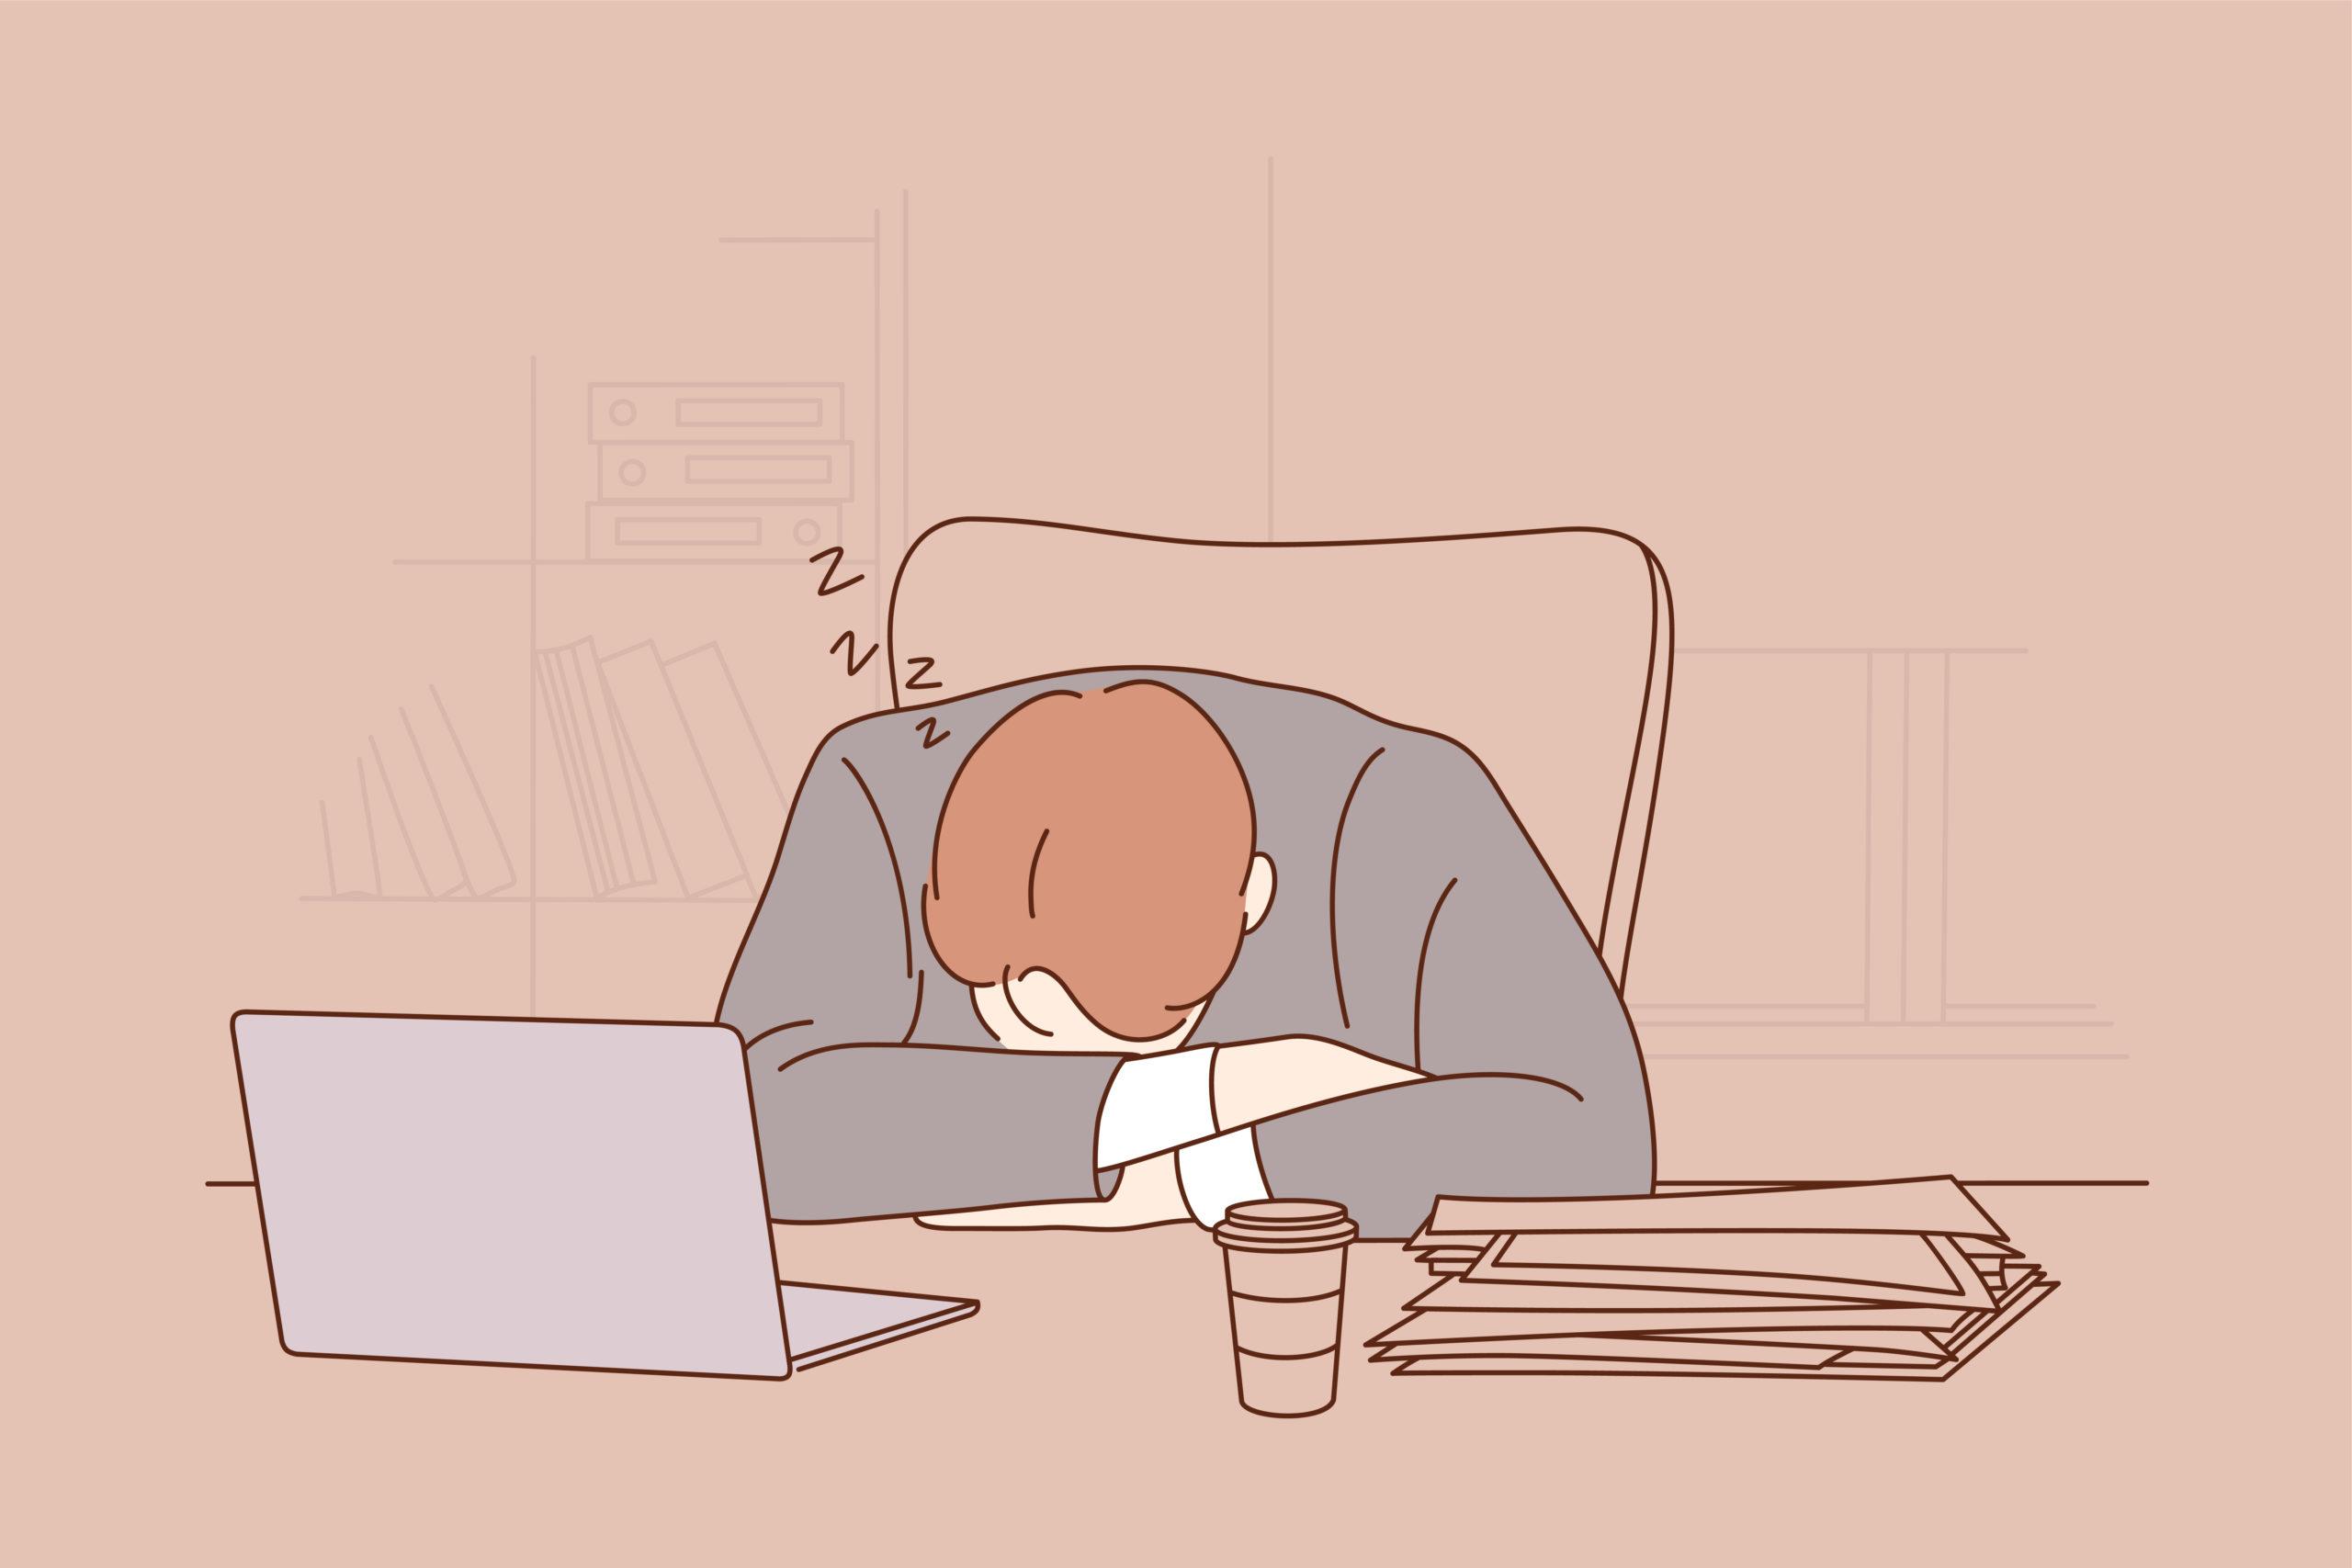 ブログ記事を書くのがめんどくさいと感じるのは正常です【対処法3つ】